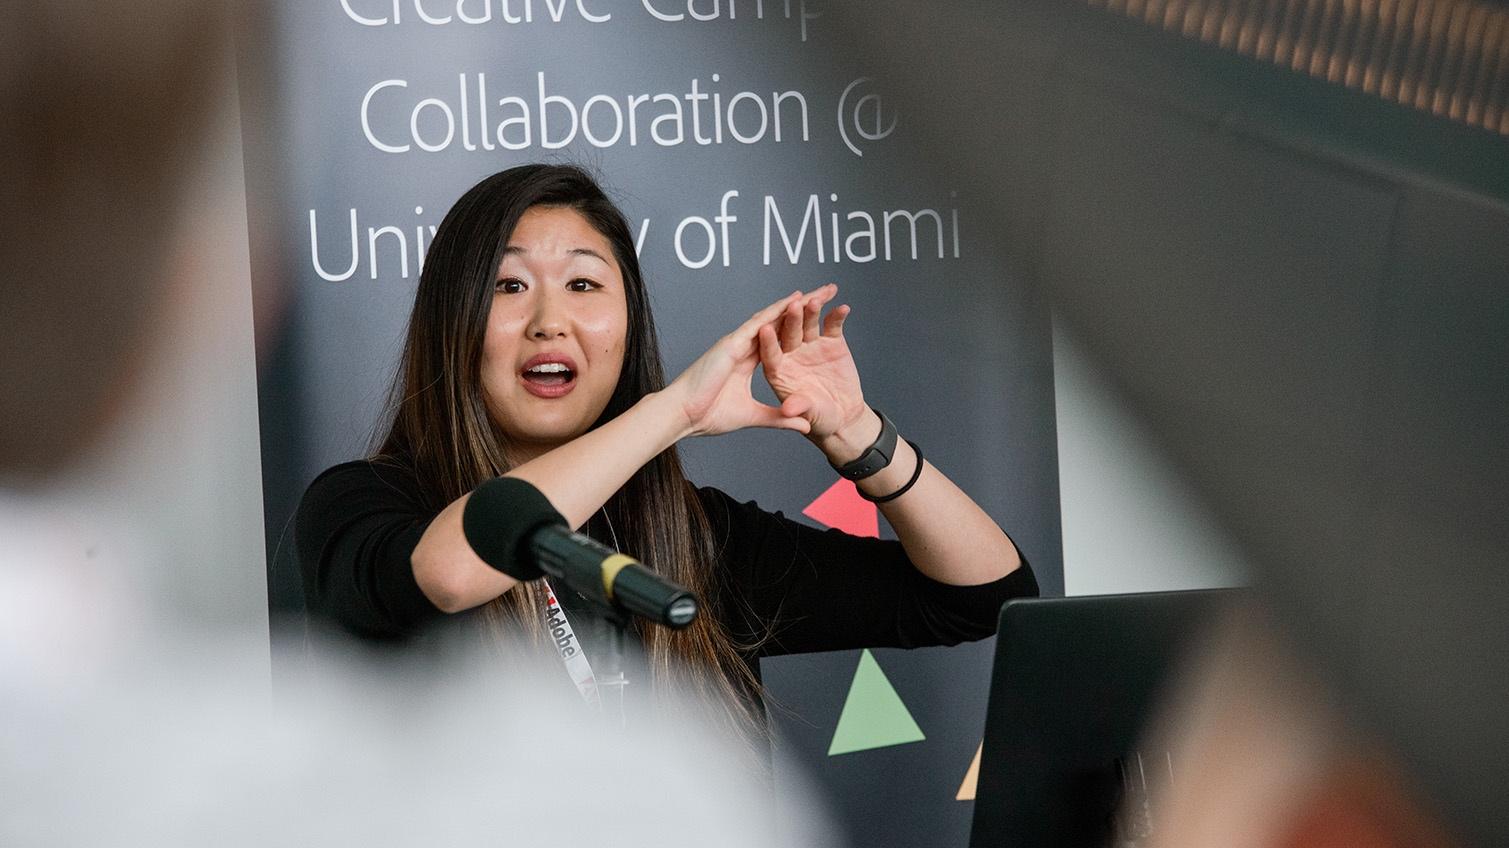 Adobe Creative Campus Collaboration @ UM -